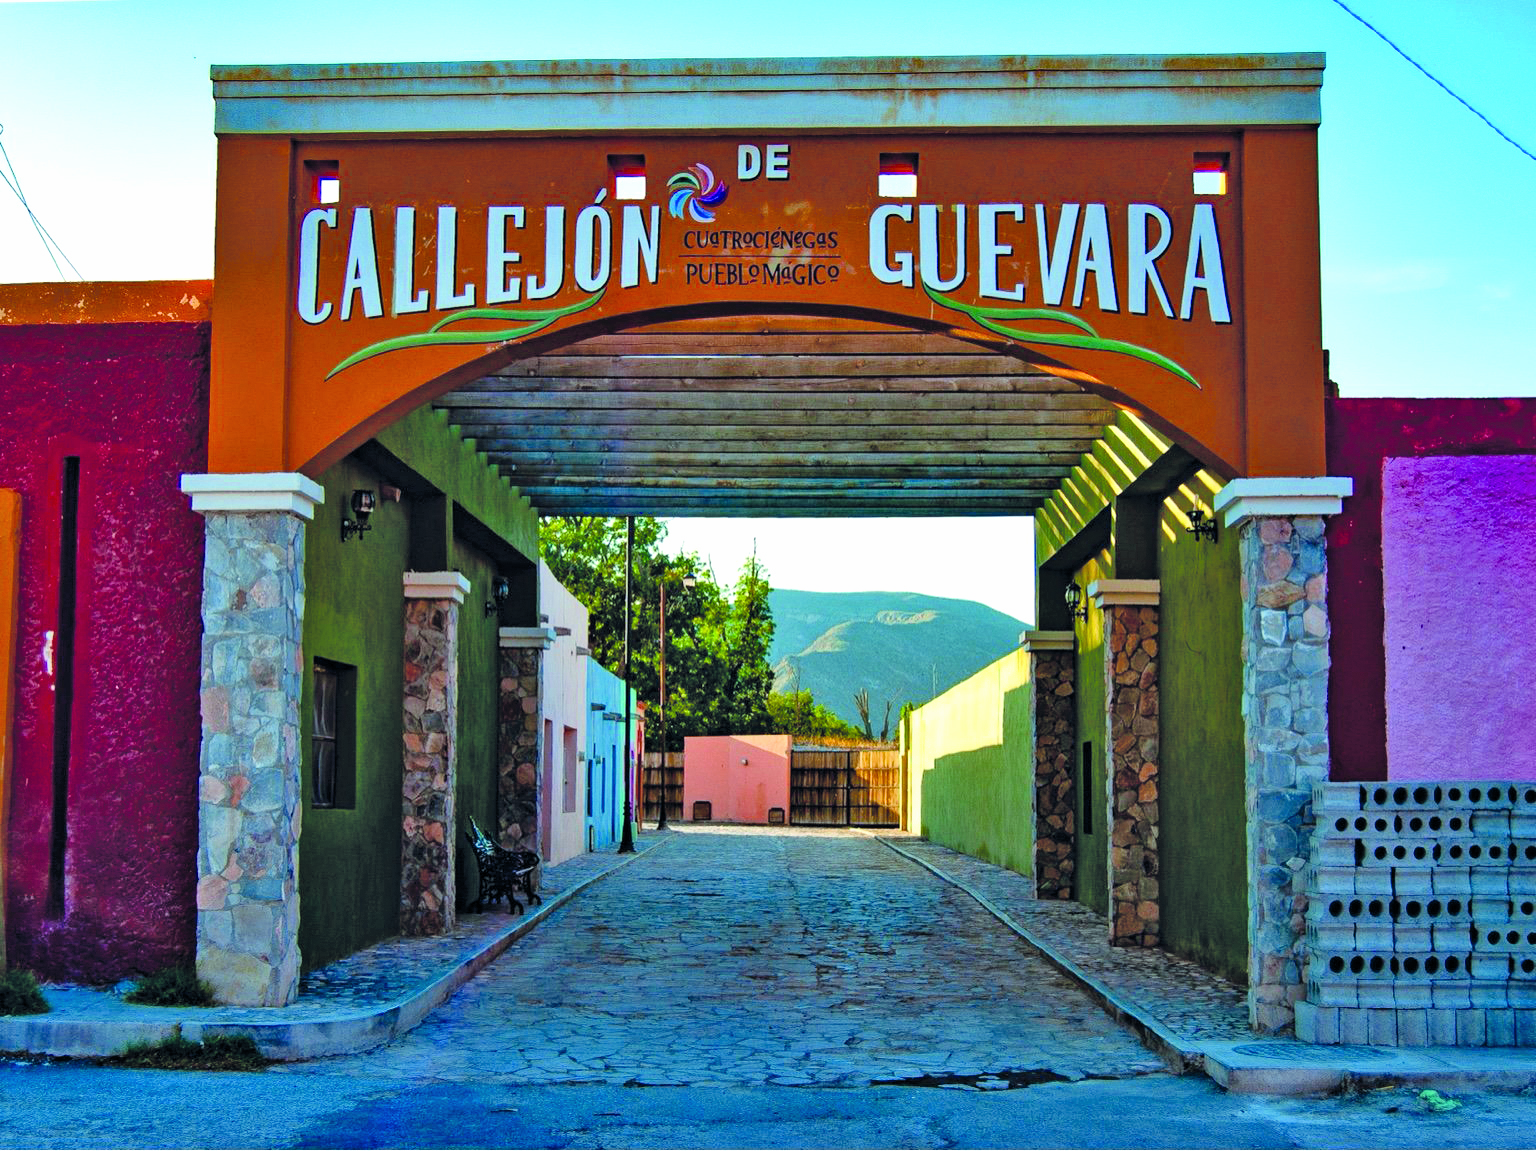 El turismo visita en Ciénegas el callejón de Guevara